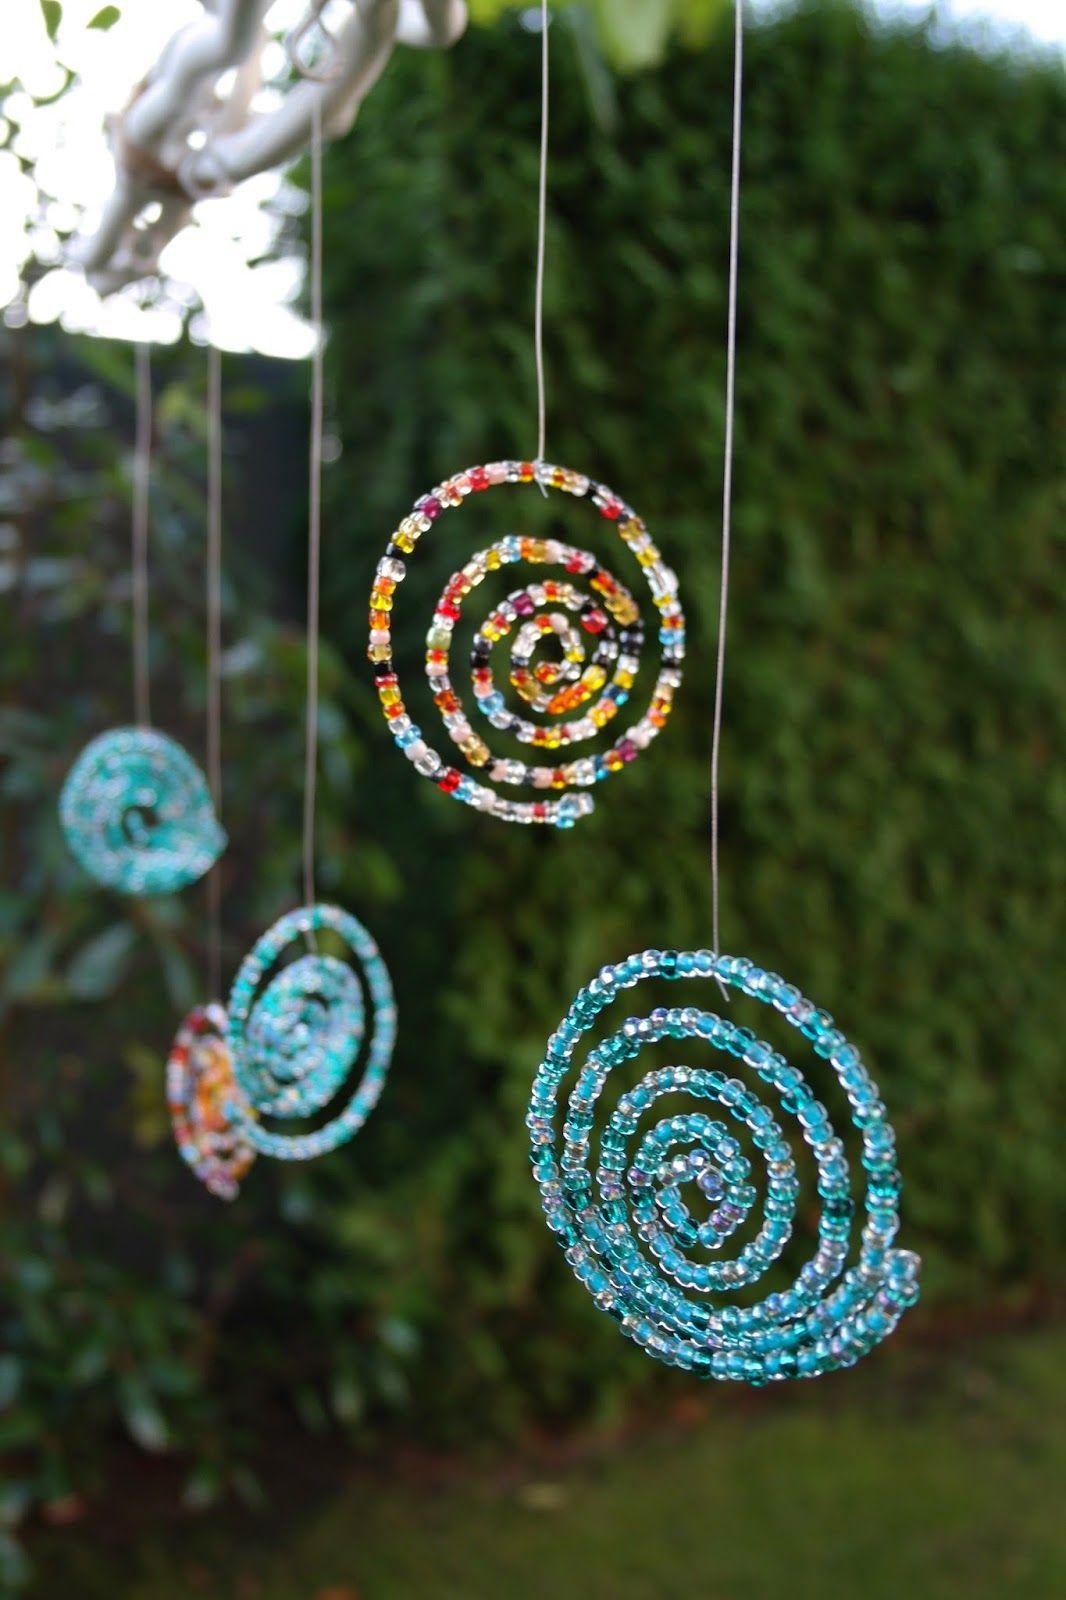 Pin von Kleenesarlettel auf Gartendeko   Garden crafts, Crafts und DIY